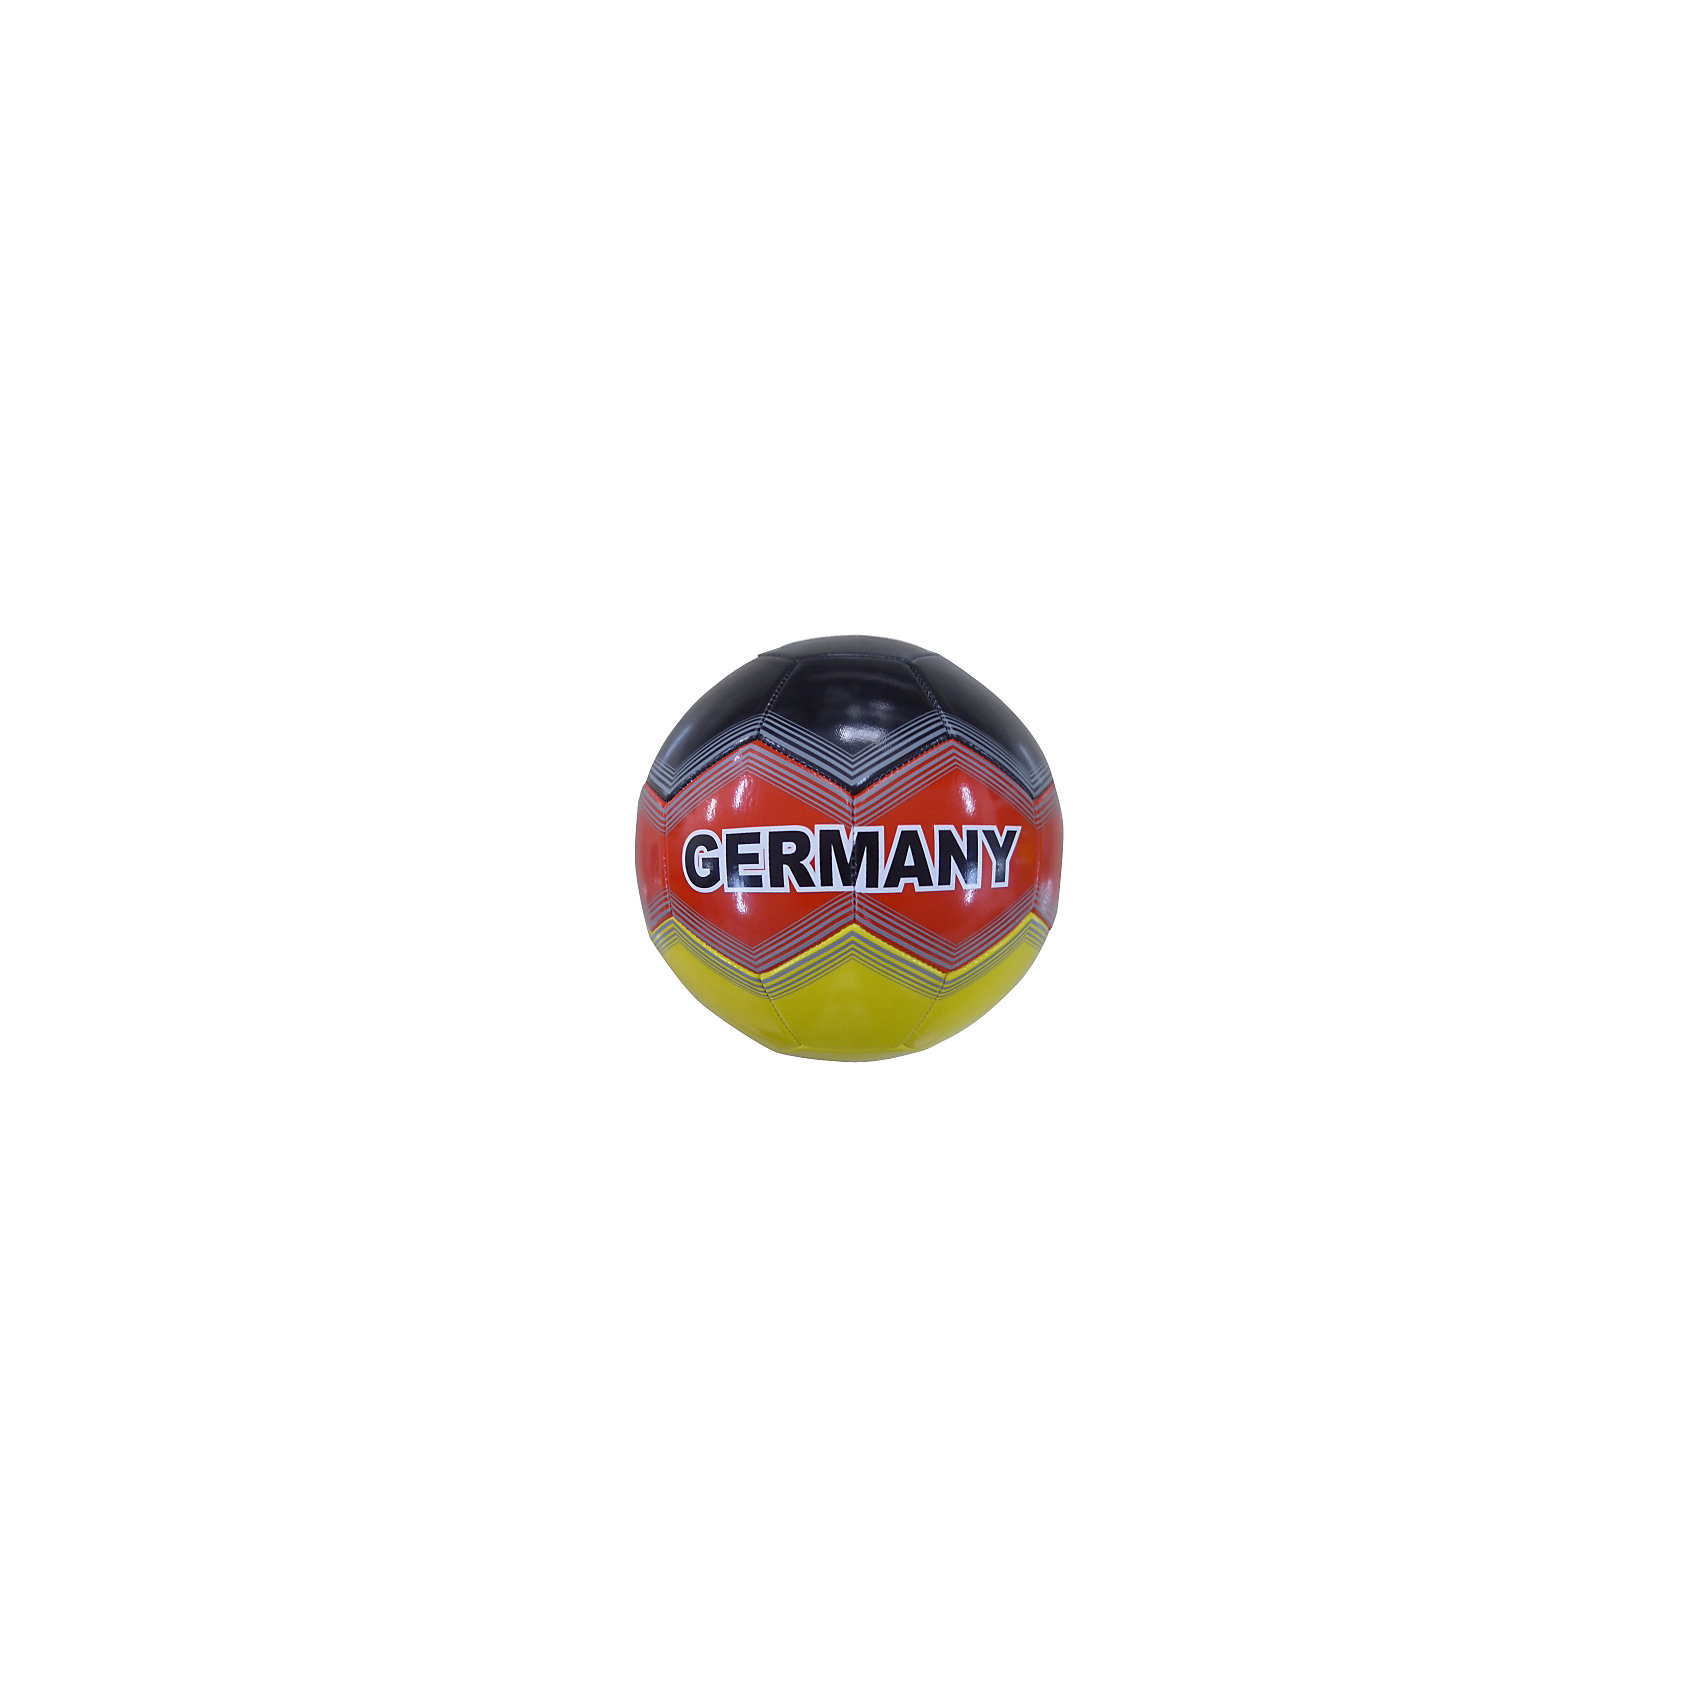 Футбольный мячСборная Германии, АтлетикМячи детские<br>Мяч футбольный лакированный, ПВХ, 1 слой, 270 грамм, дизайн Сборная Германии.<br><br>Ширина мм: 230<br>Глубина мм: 230<br>Высота мм: 230<br>Вес г: 280<br>Возраст от месяцев: 36<br>Возраст до месяцев: 96<br>Пол: Мужской<br>Возраст: Детский<br>SKU: 5528144